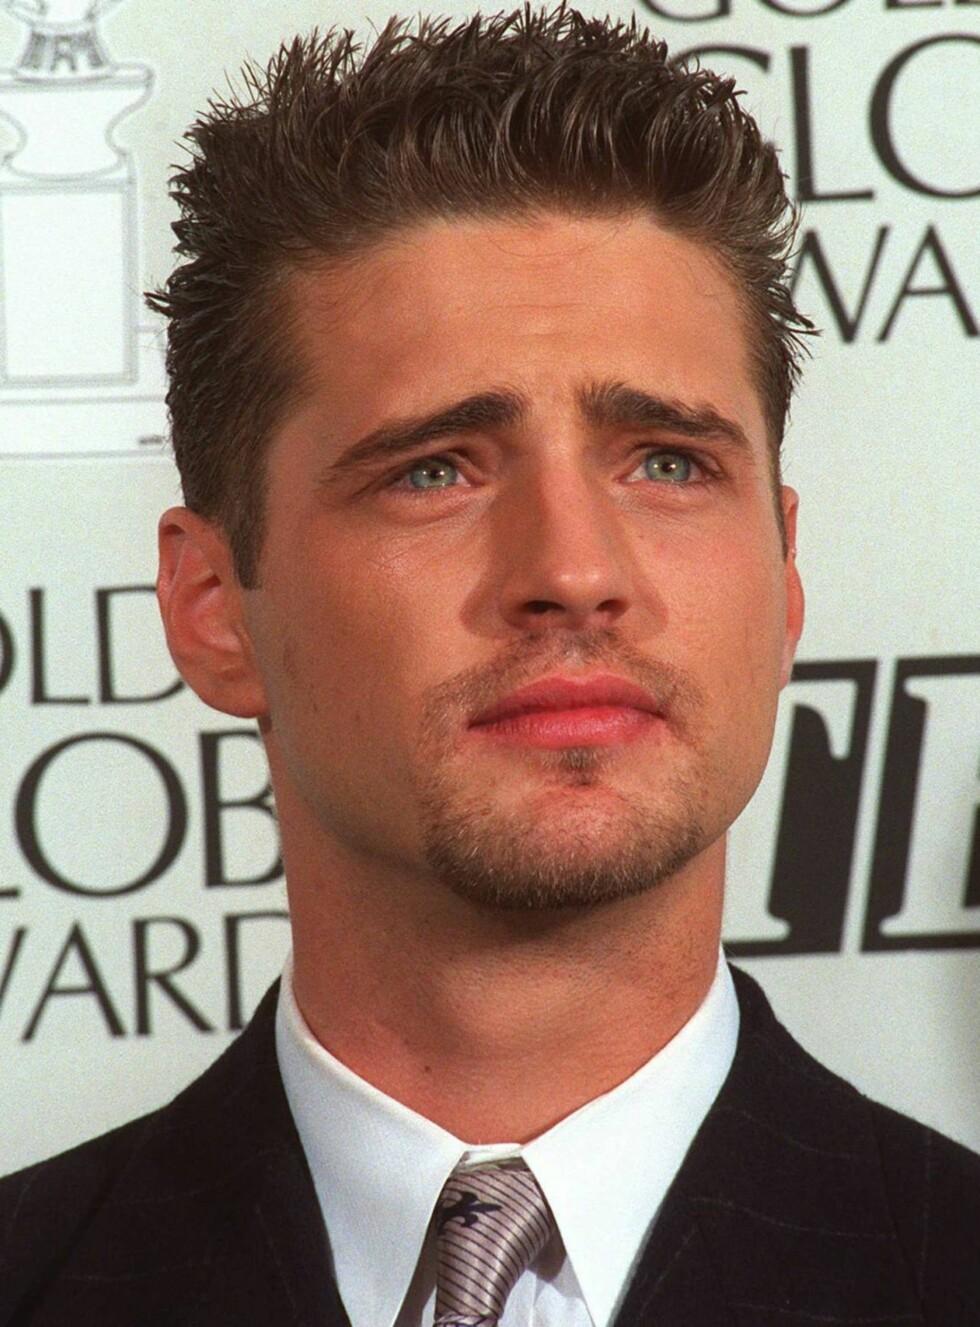 ANNO 1994: Unge herr Priestley og de bekymrede øyenbrynene hans var mange jenters drøm. Foto: AP